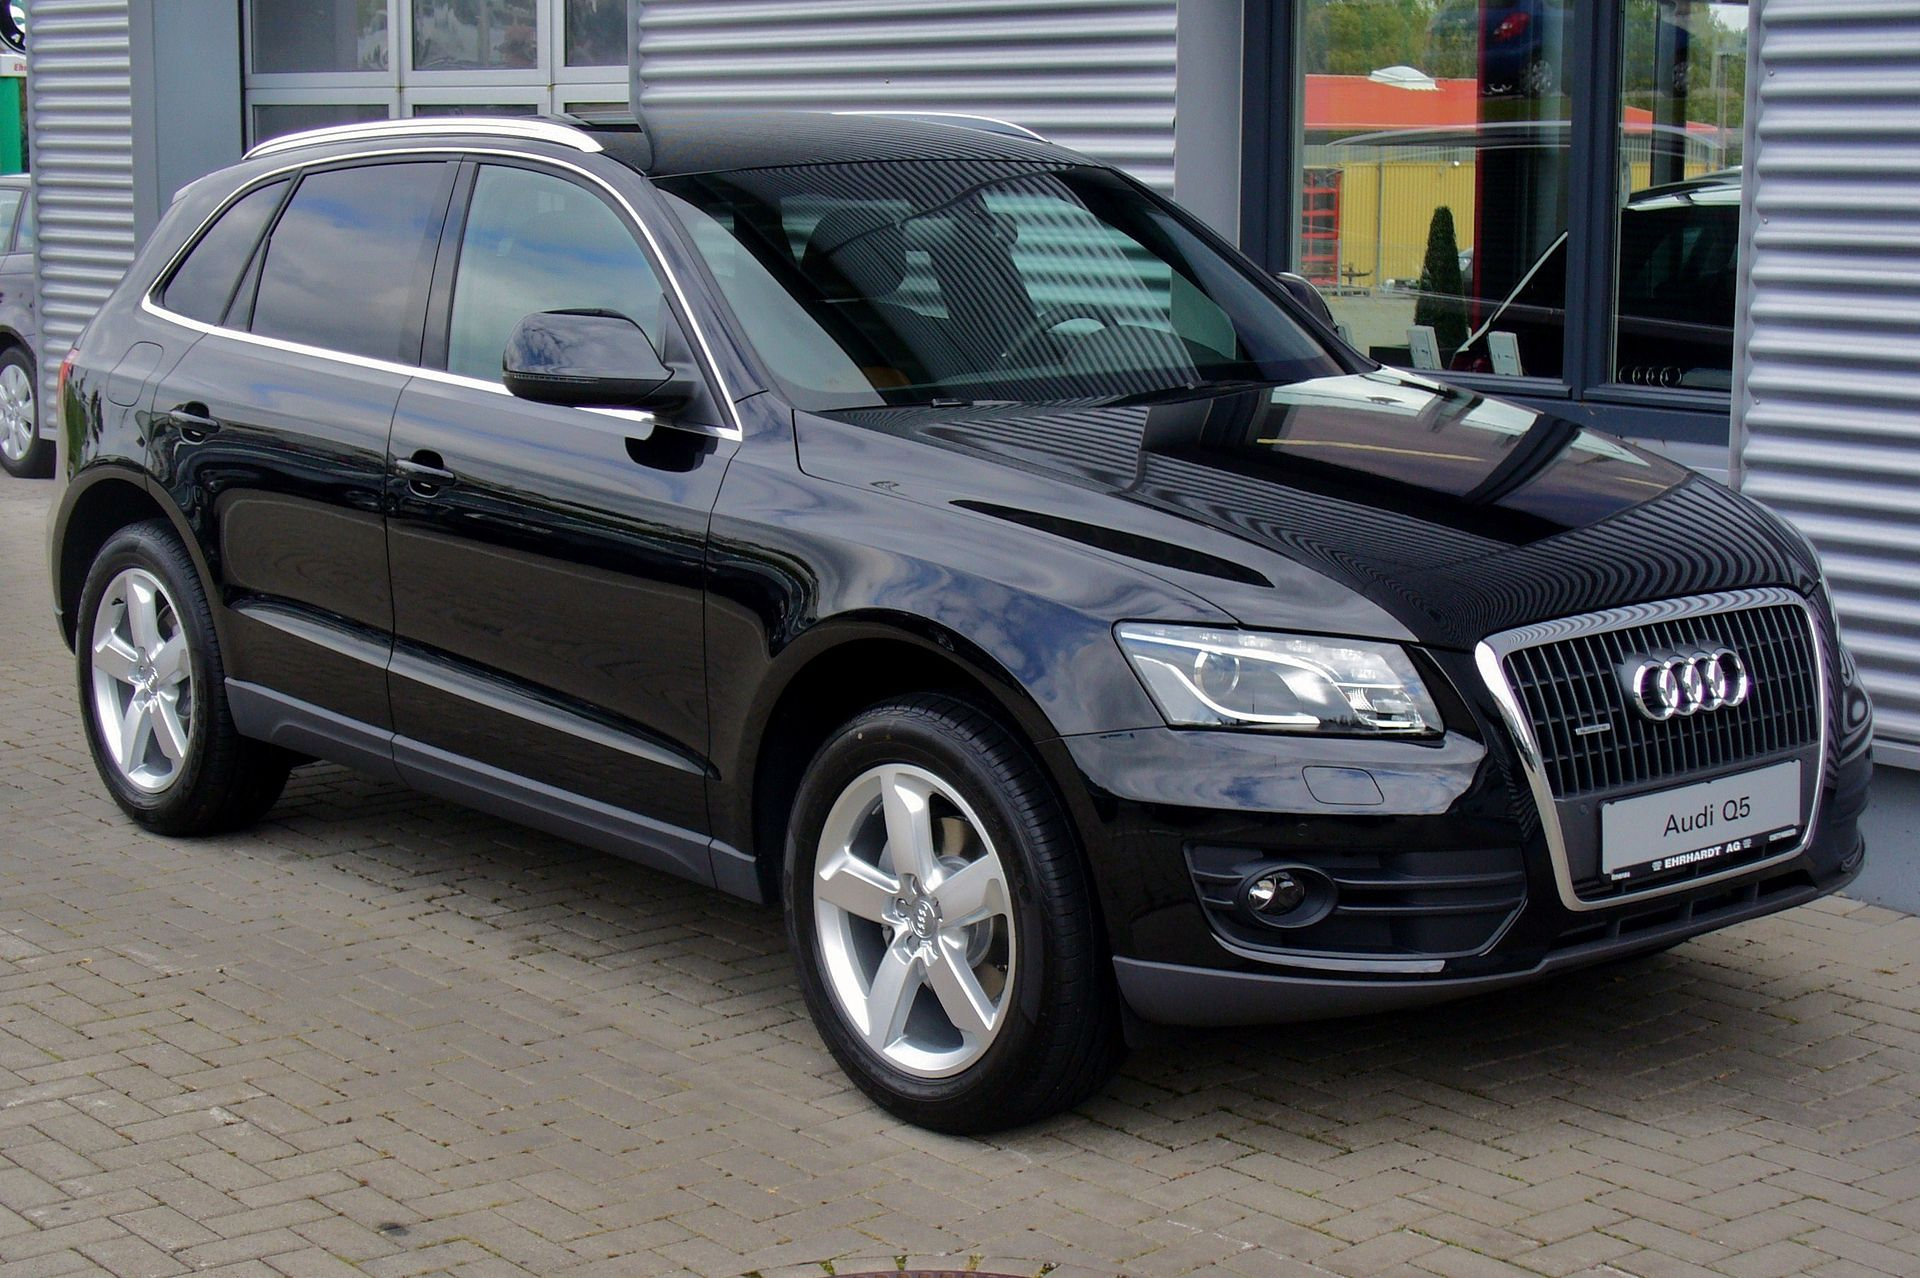 Audi Q5 Wikipedia >> Audi Q5 8R – Wikipedia